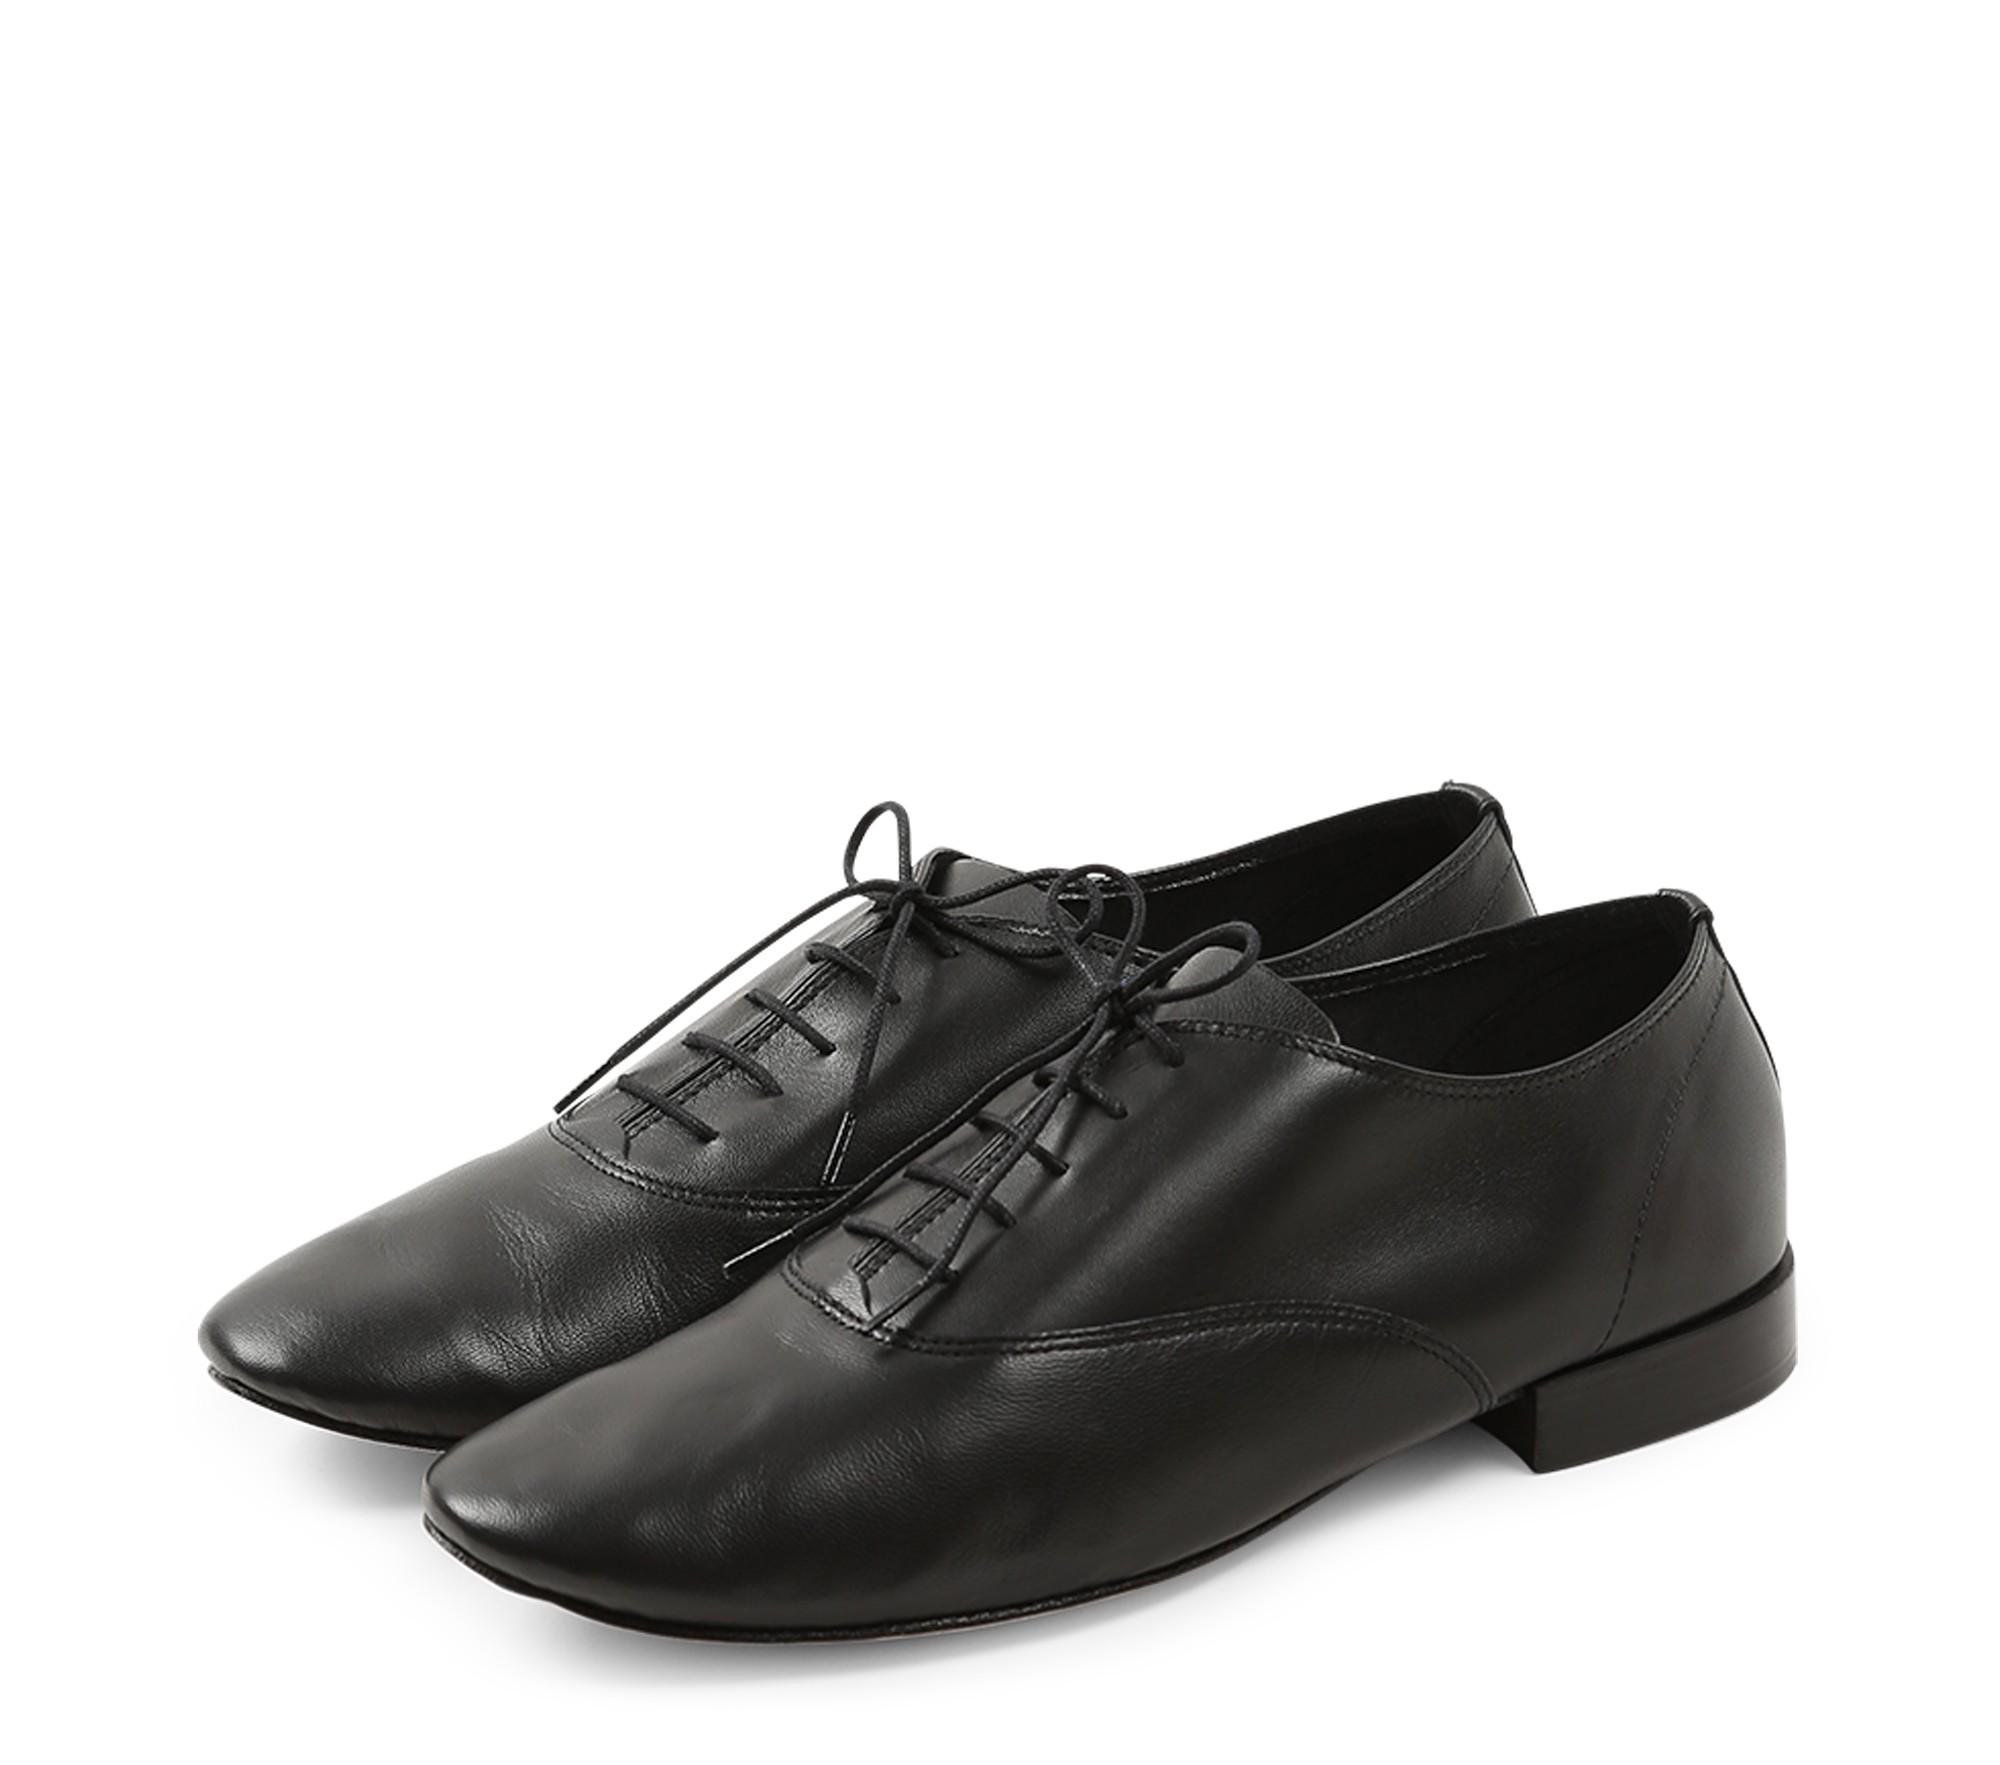 Zizi Oxford Shoe - Man